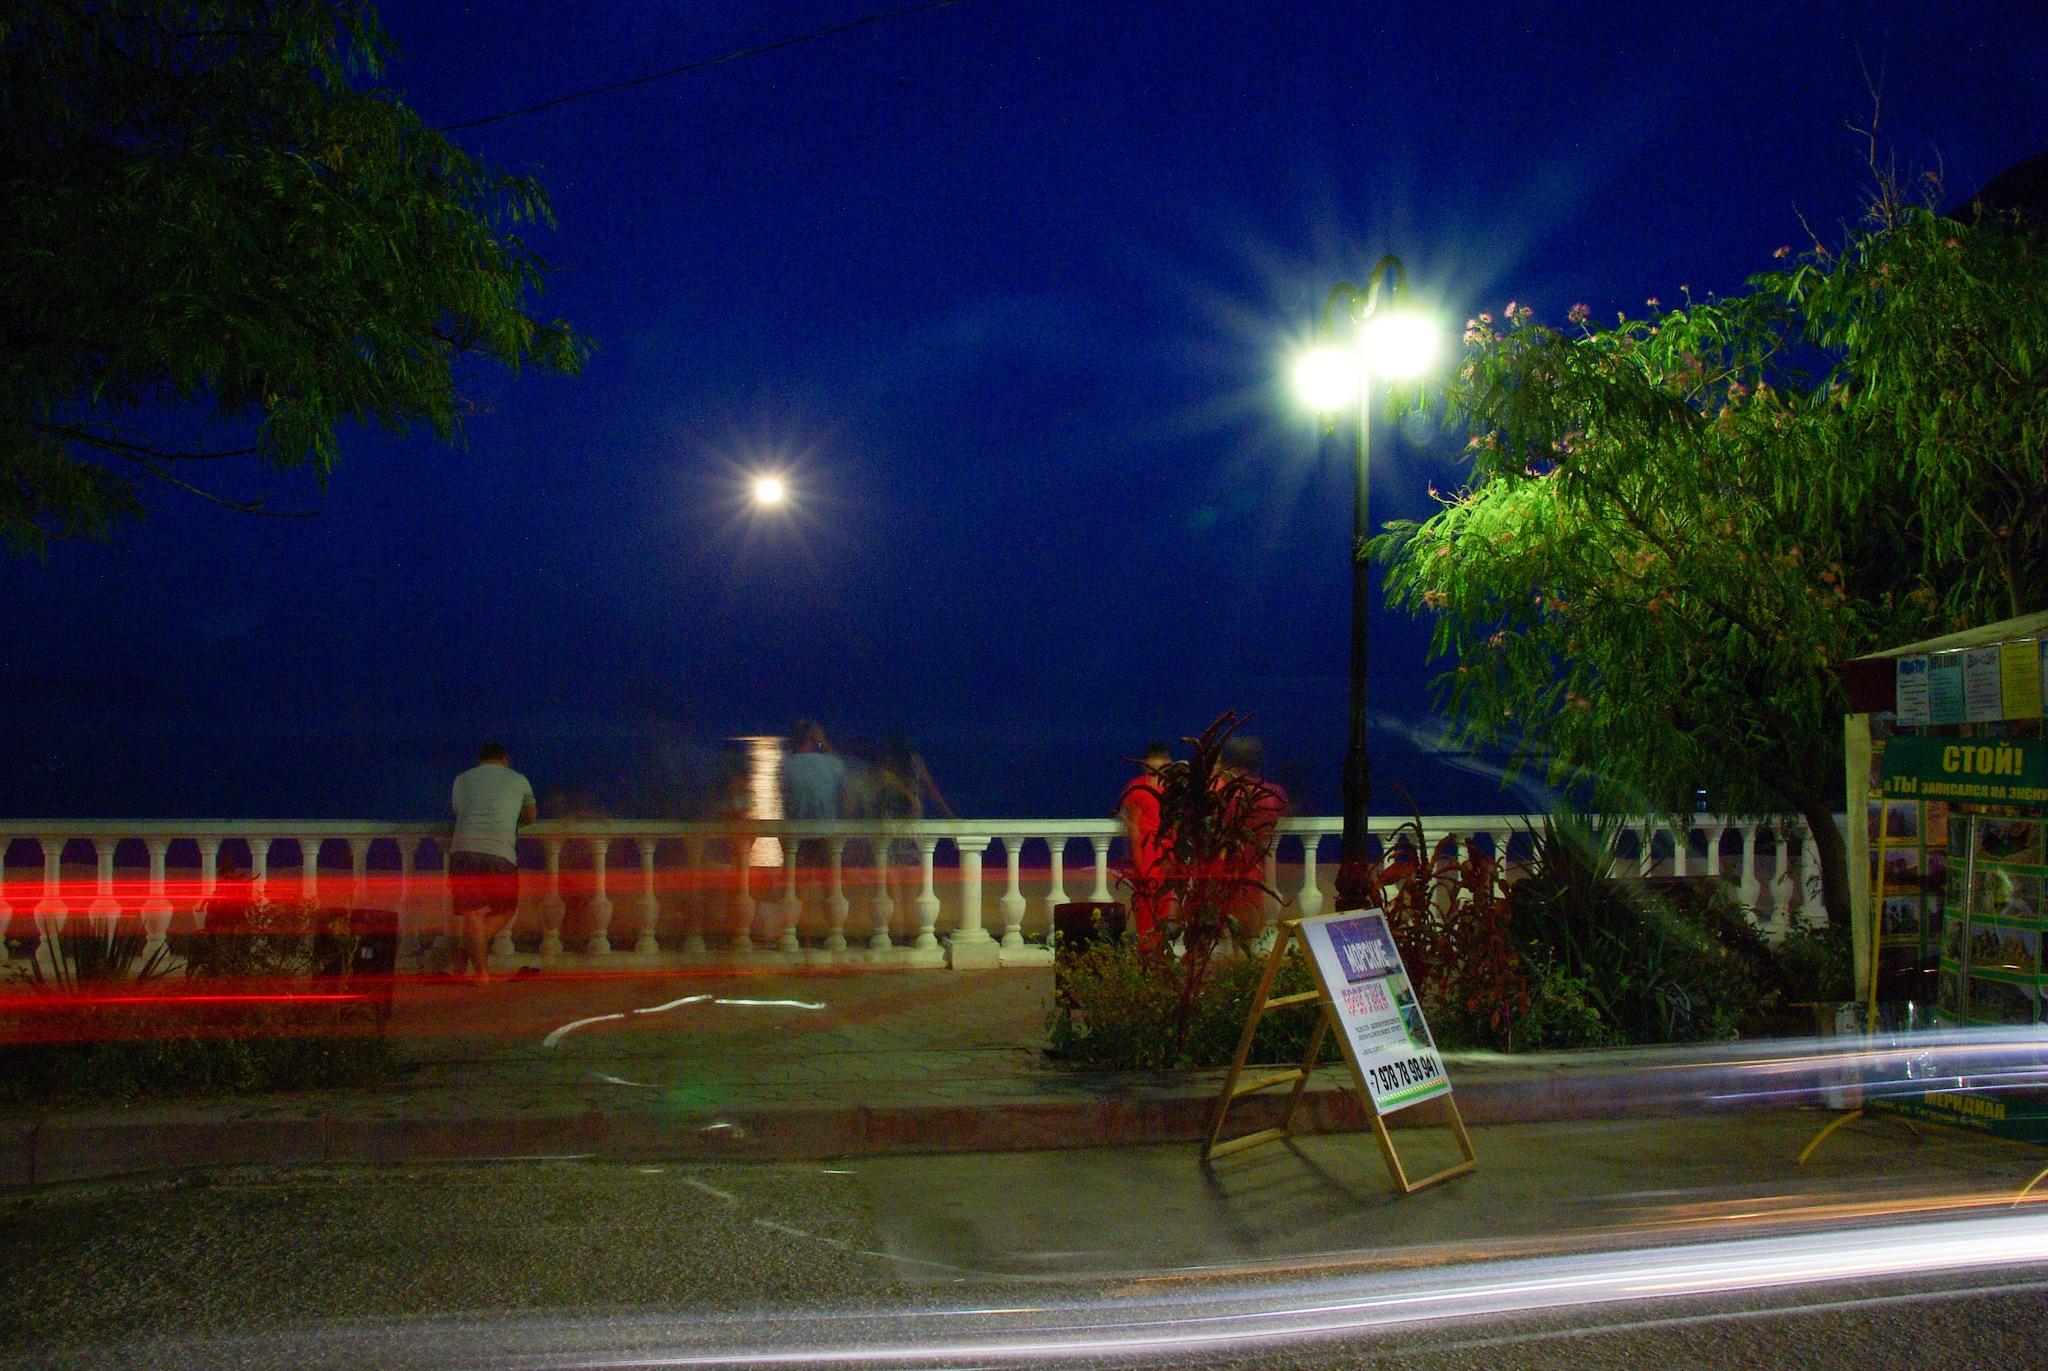 Promenade nocturne by Oleg Réut (Kuvshinov)